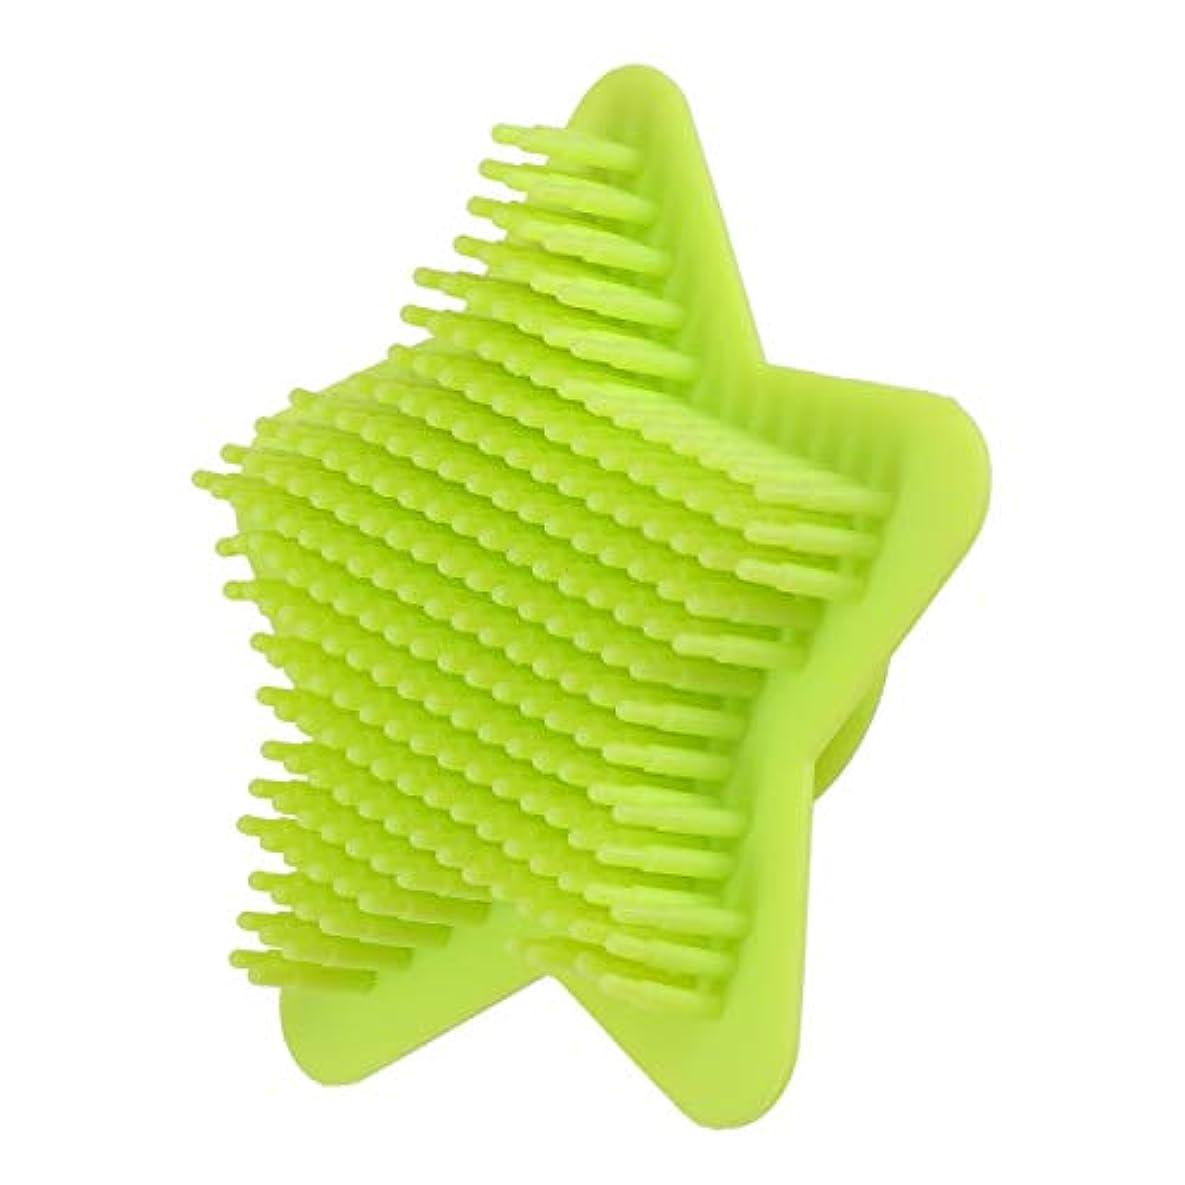 理容師表向き特別なHealifty ベビーシリコンボディーブラシシャワースクラバーブラシバスブラシ(グリーン)